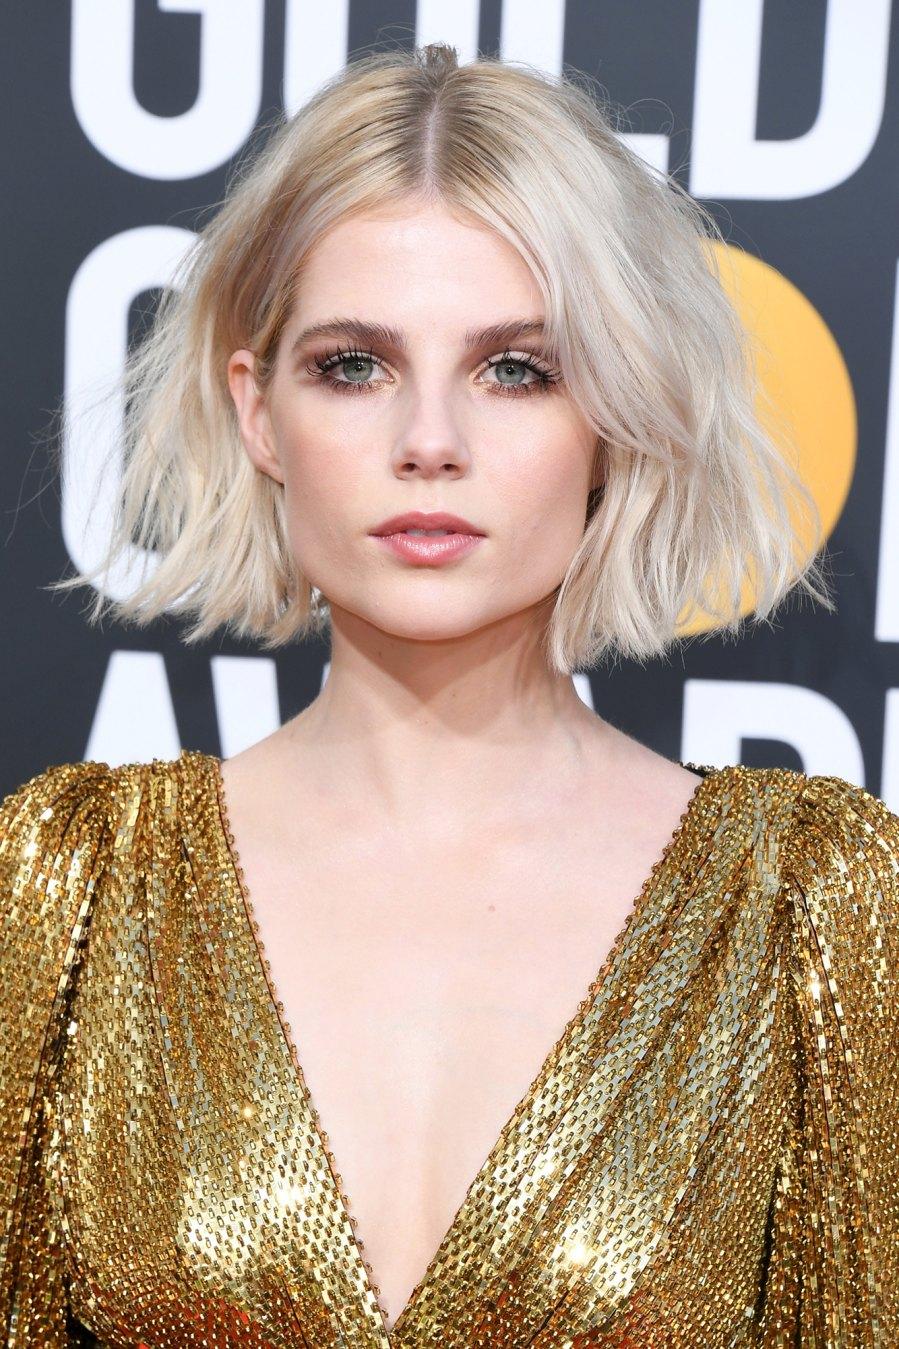 Lucy Boynton is Awards Seasons' Breakout Style Star